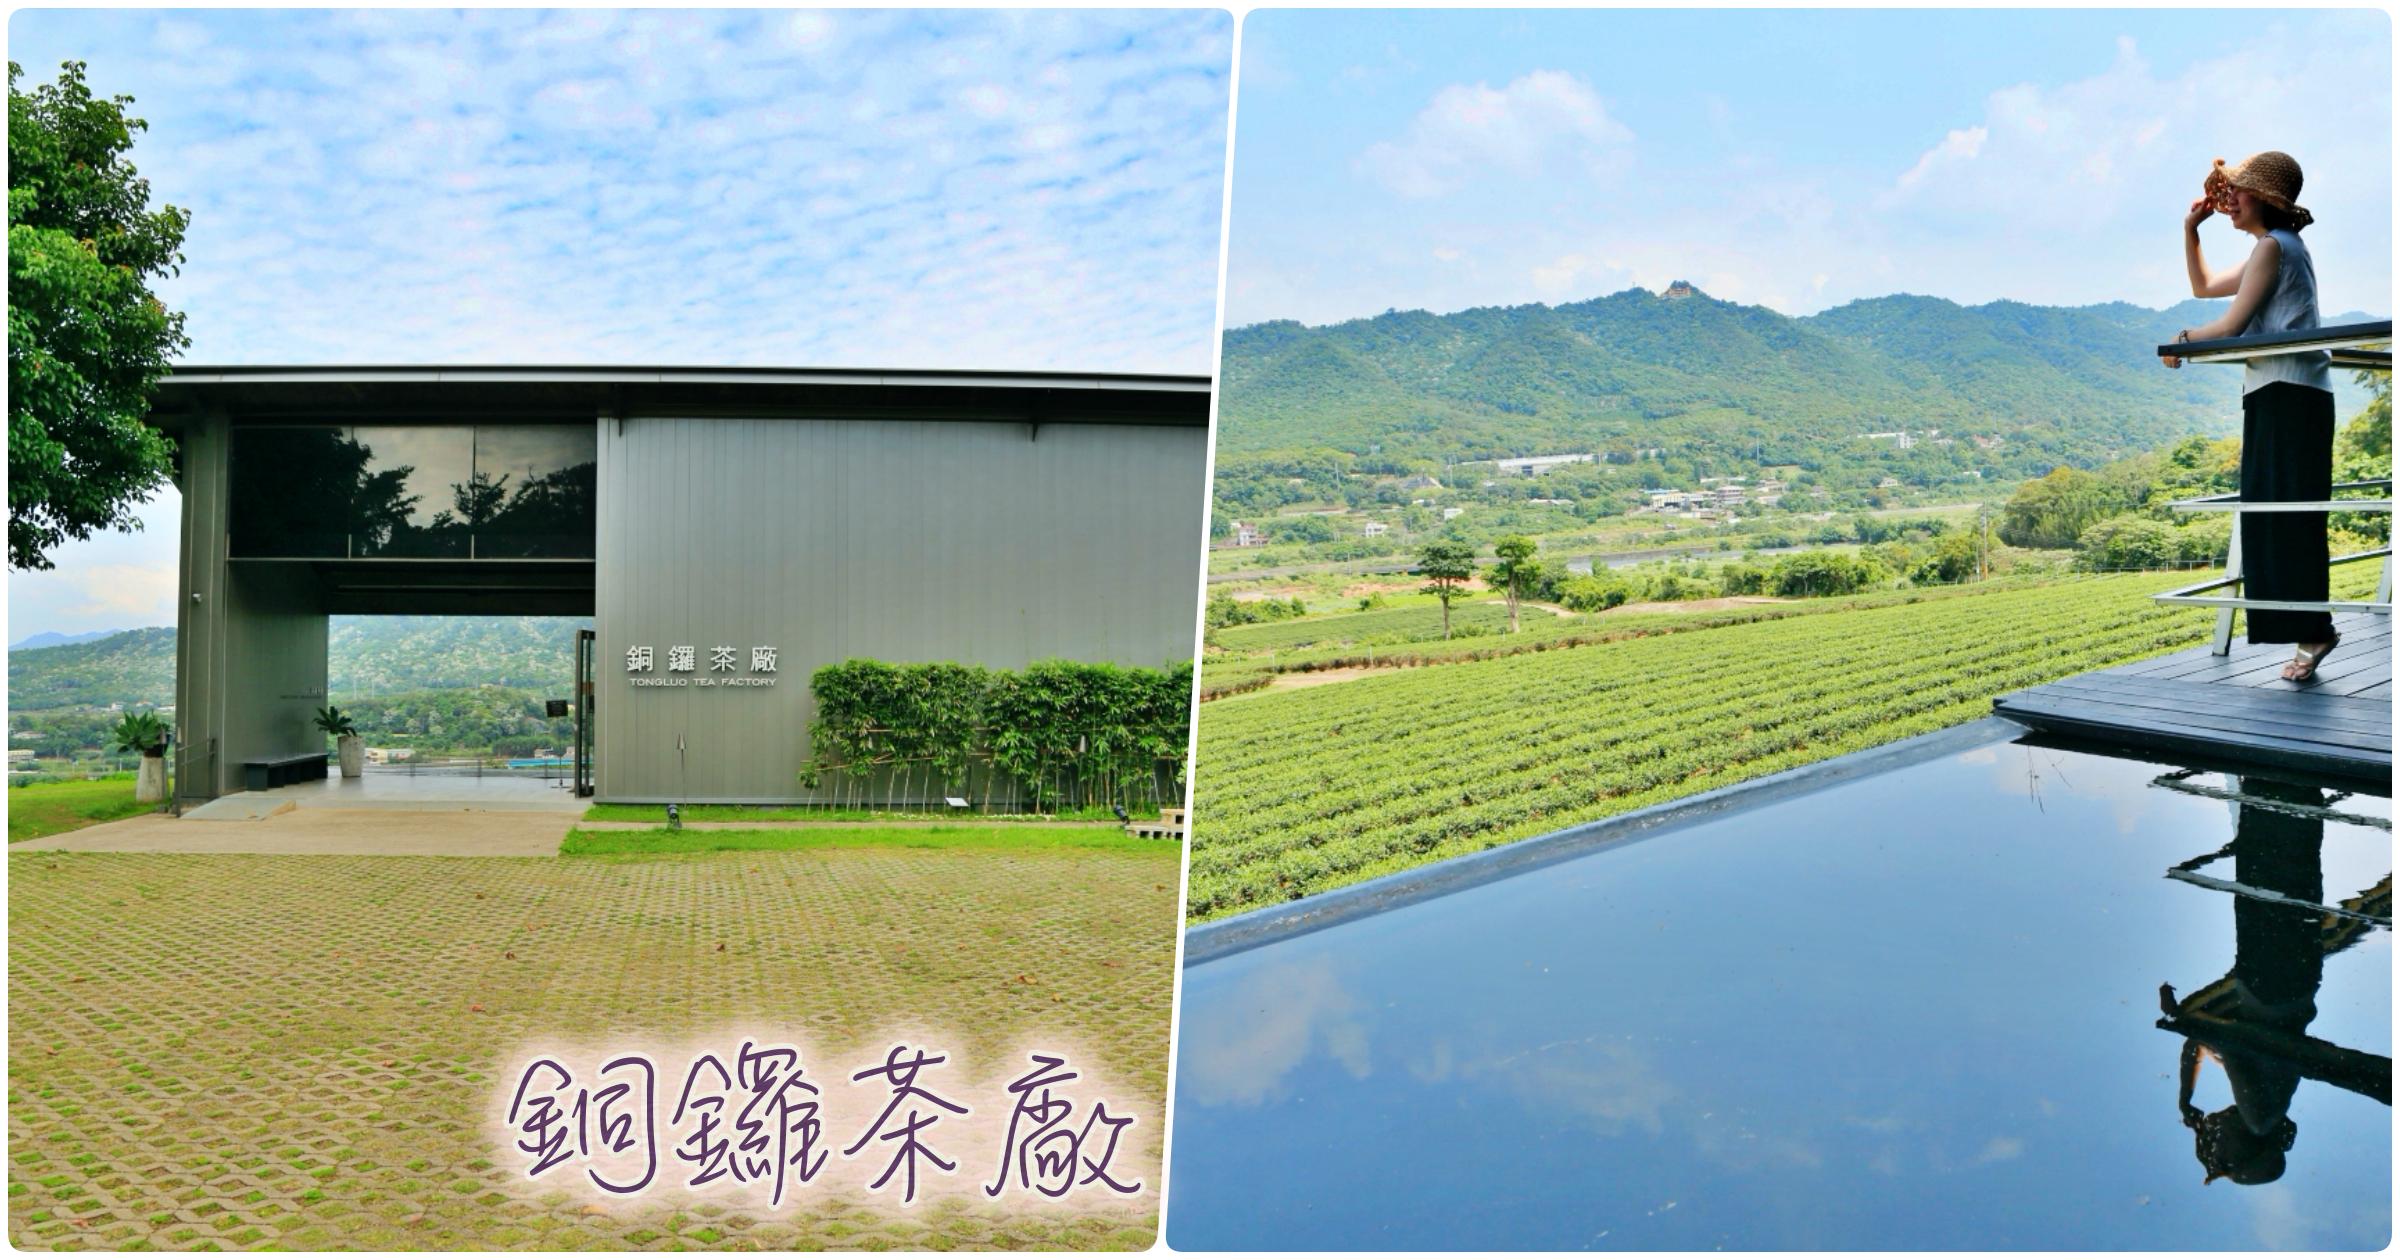 最新推播訊息:[苗栗旅遊]銅鑼茶廠.台灣農林系列|走入茶園裡享受山林裡的美好~優美宜人景色.火車迷的邂逅